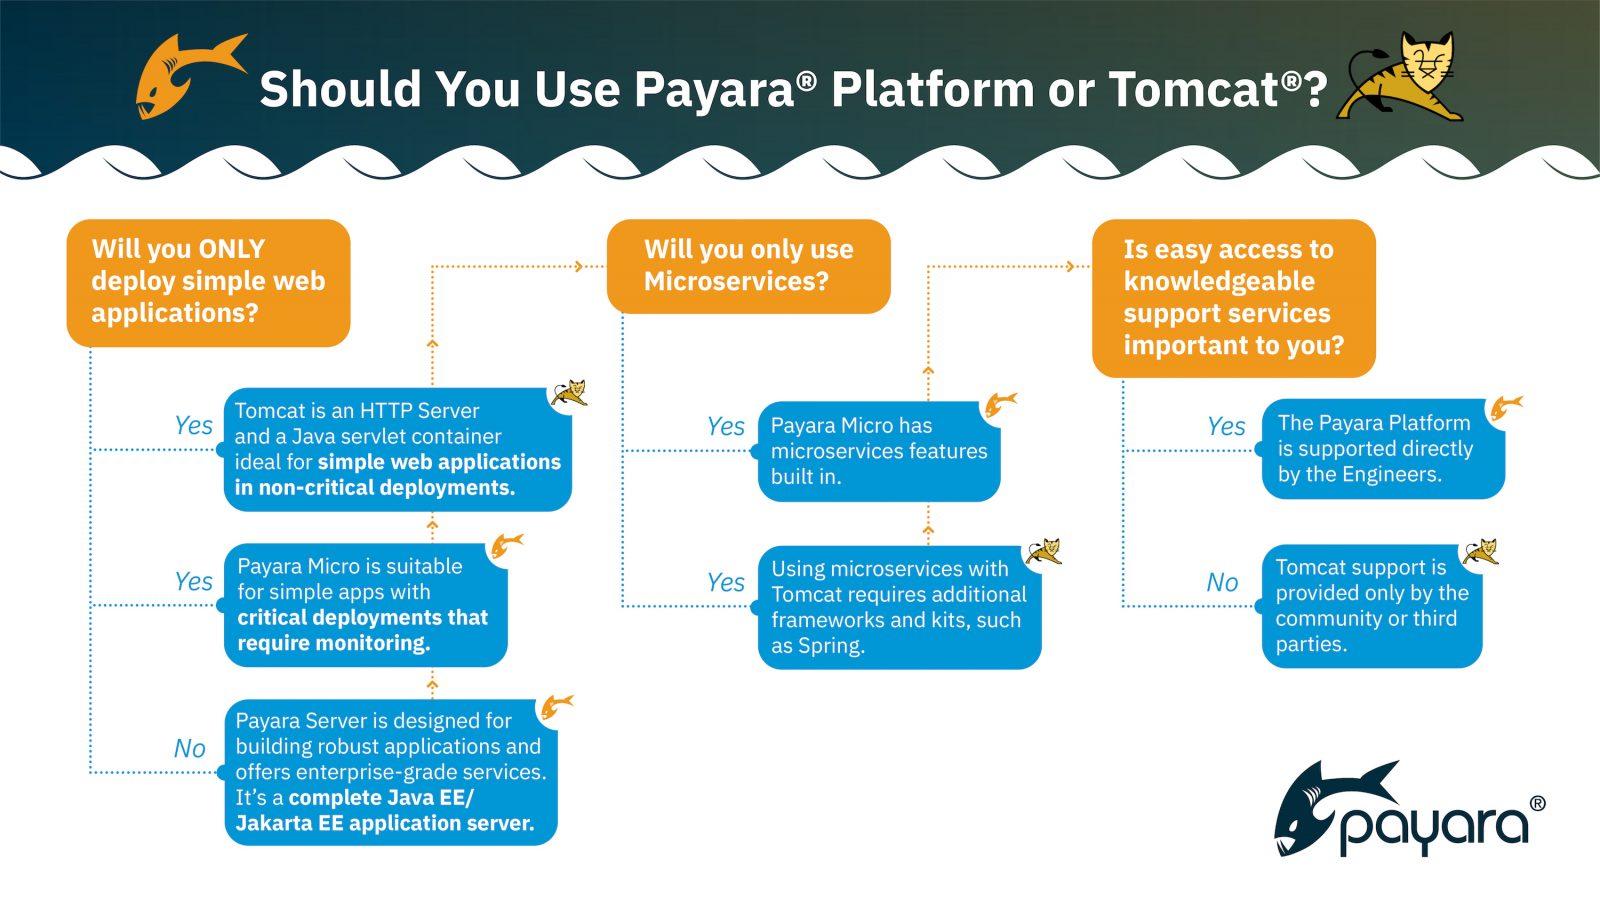 Payara Platform or Tomcat